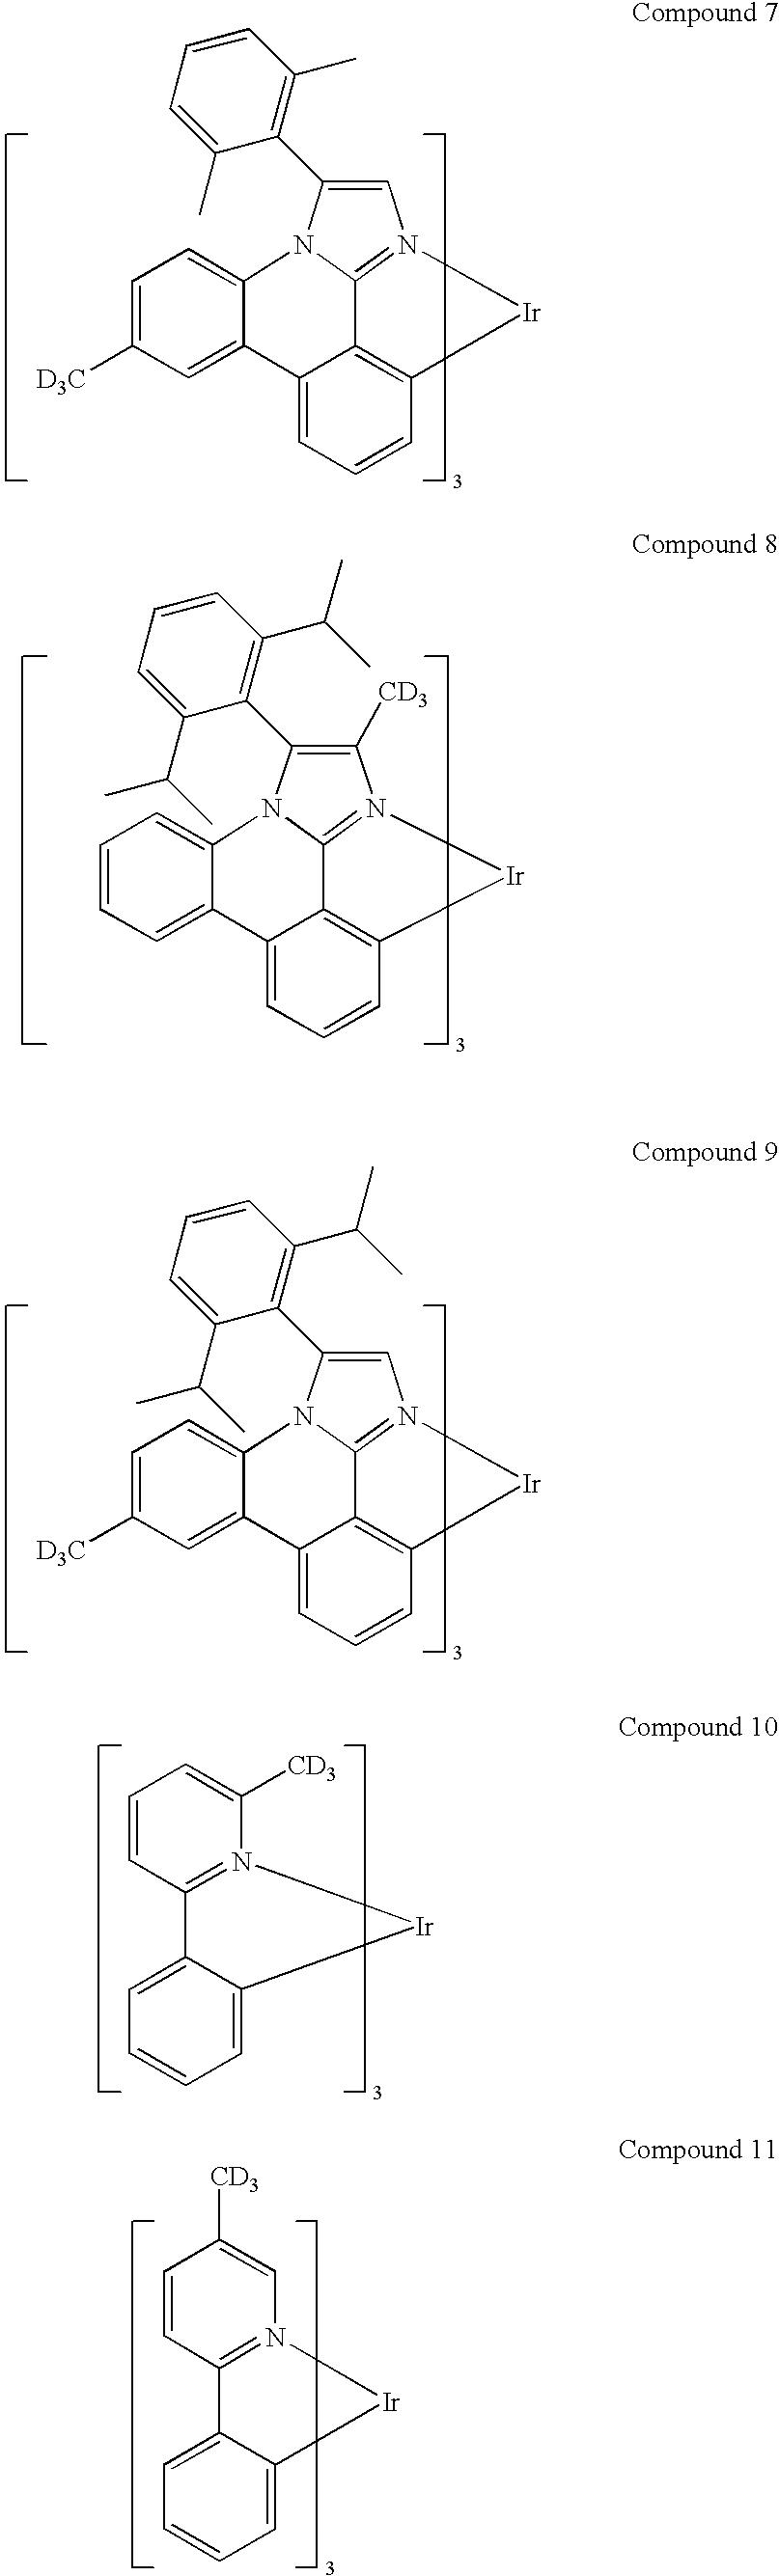 Figure US20100270916A1-20101028-C00214